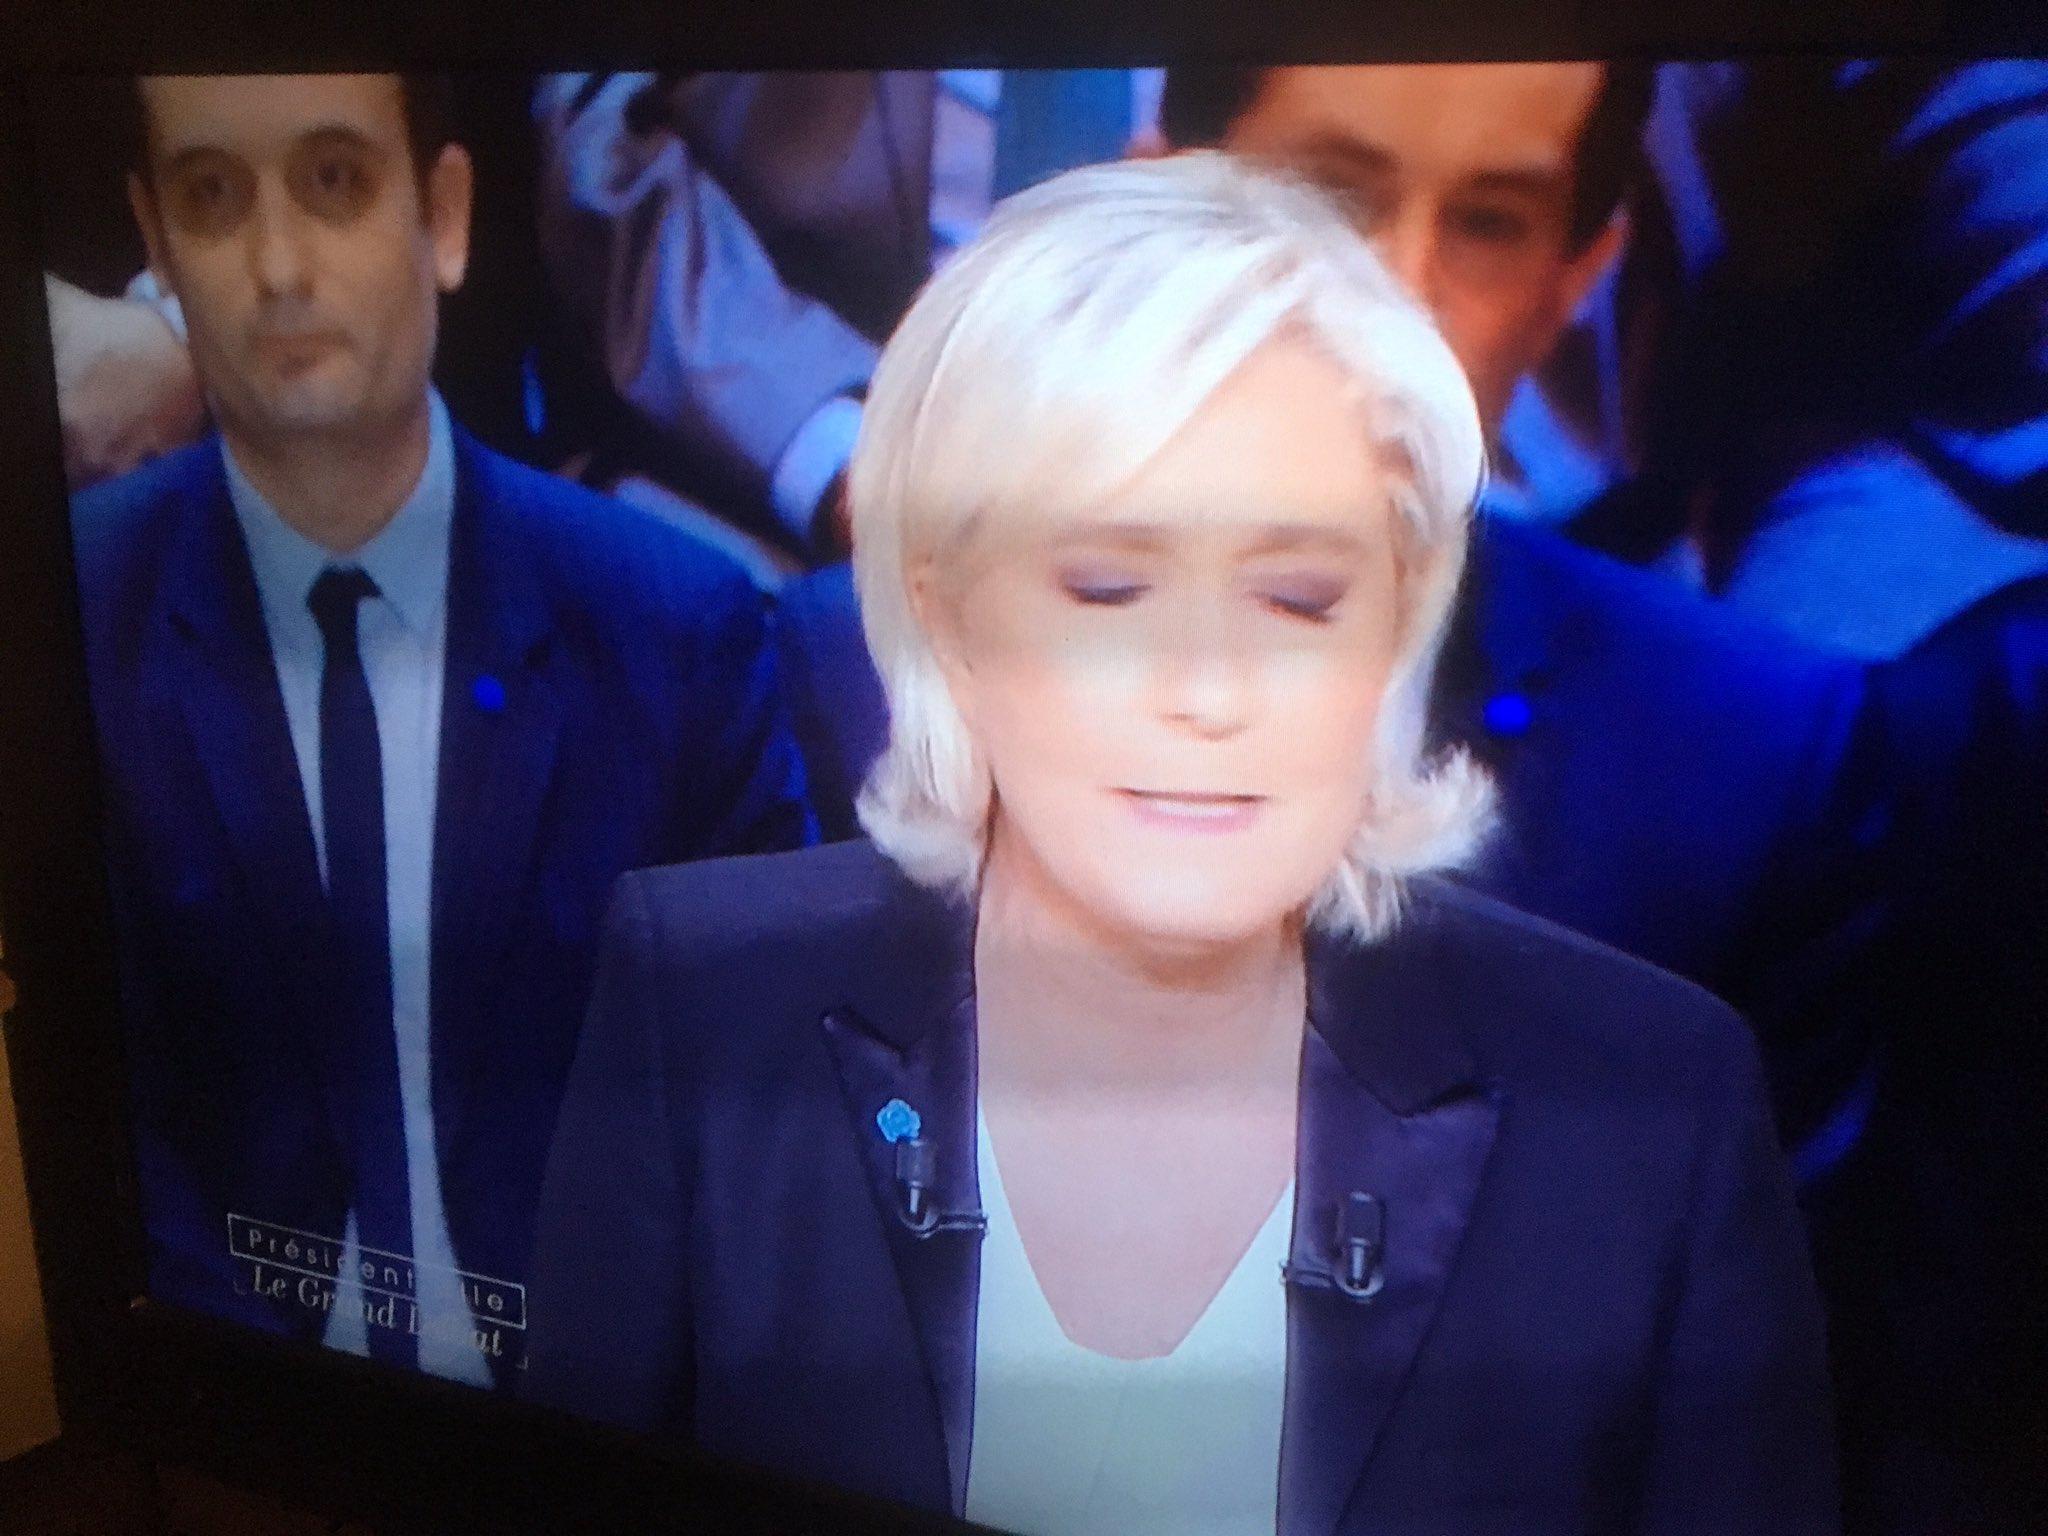 Chelou y un animateur de BFM TV derrière Marine Le Pen #LeGrandDebat https://t.co/tcTd2XMxep